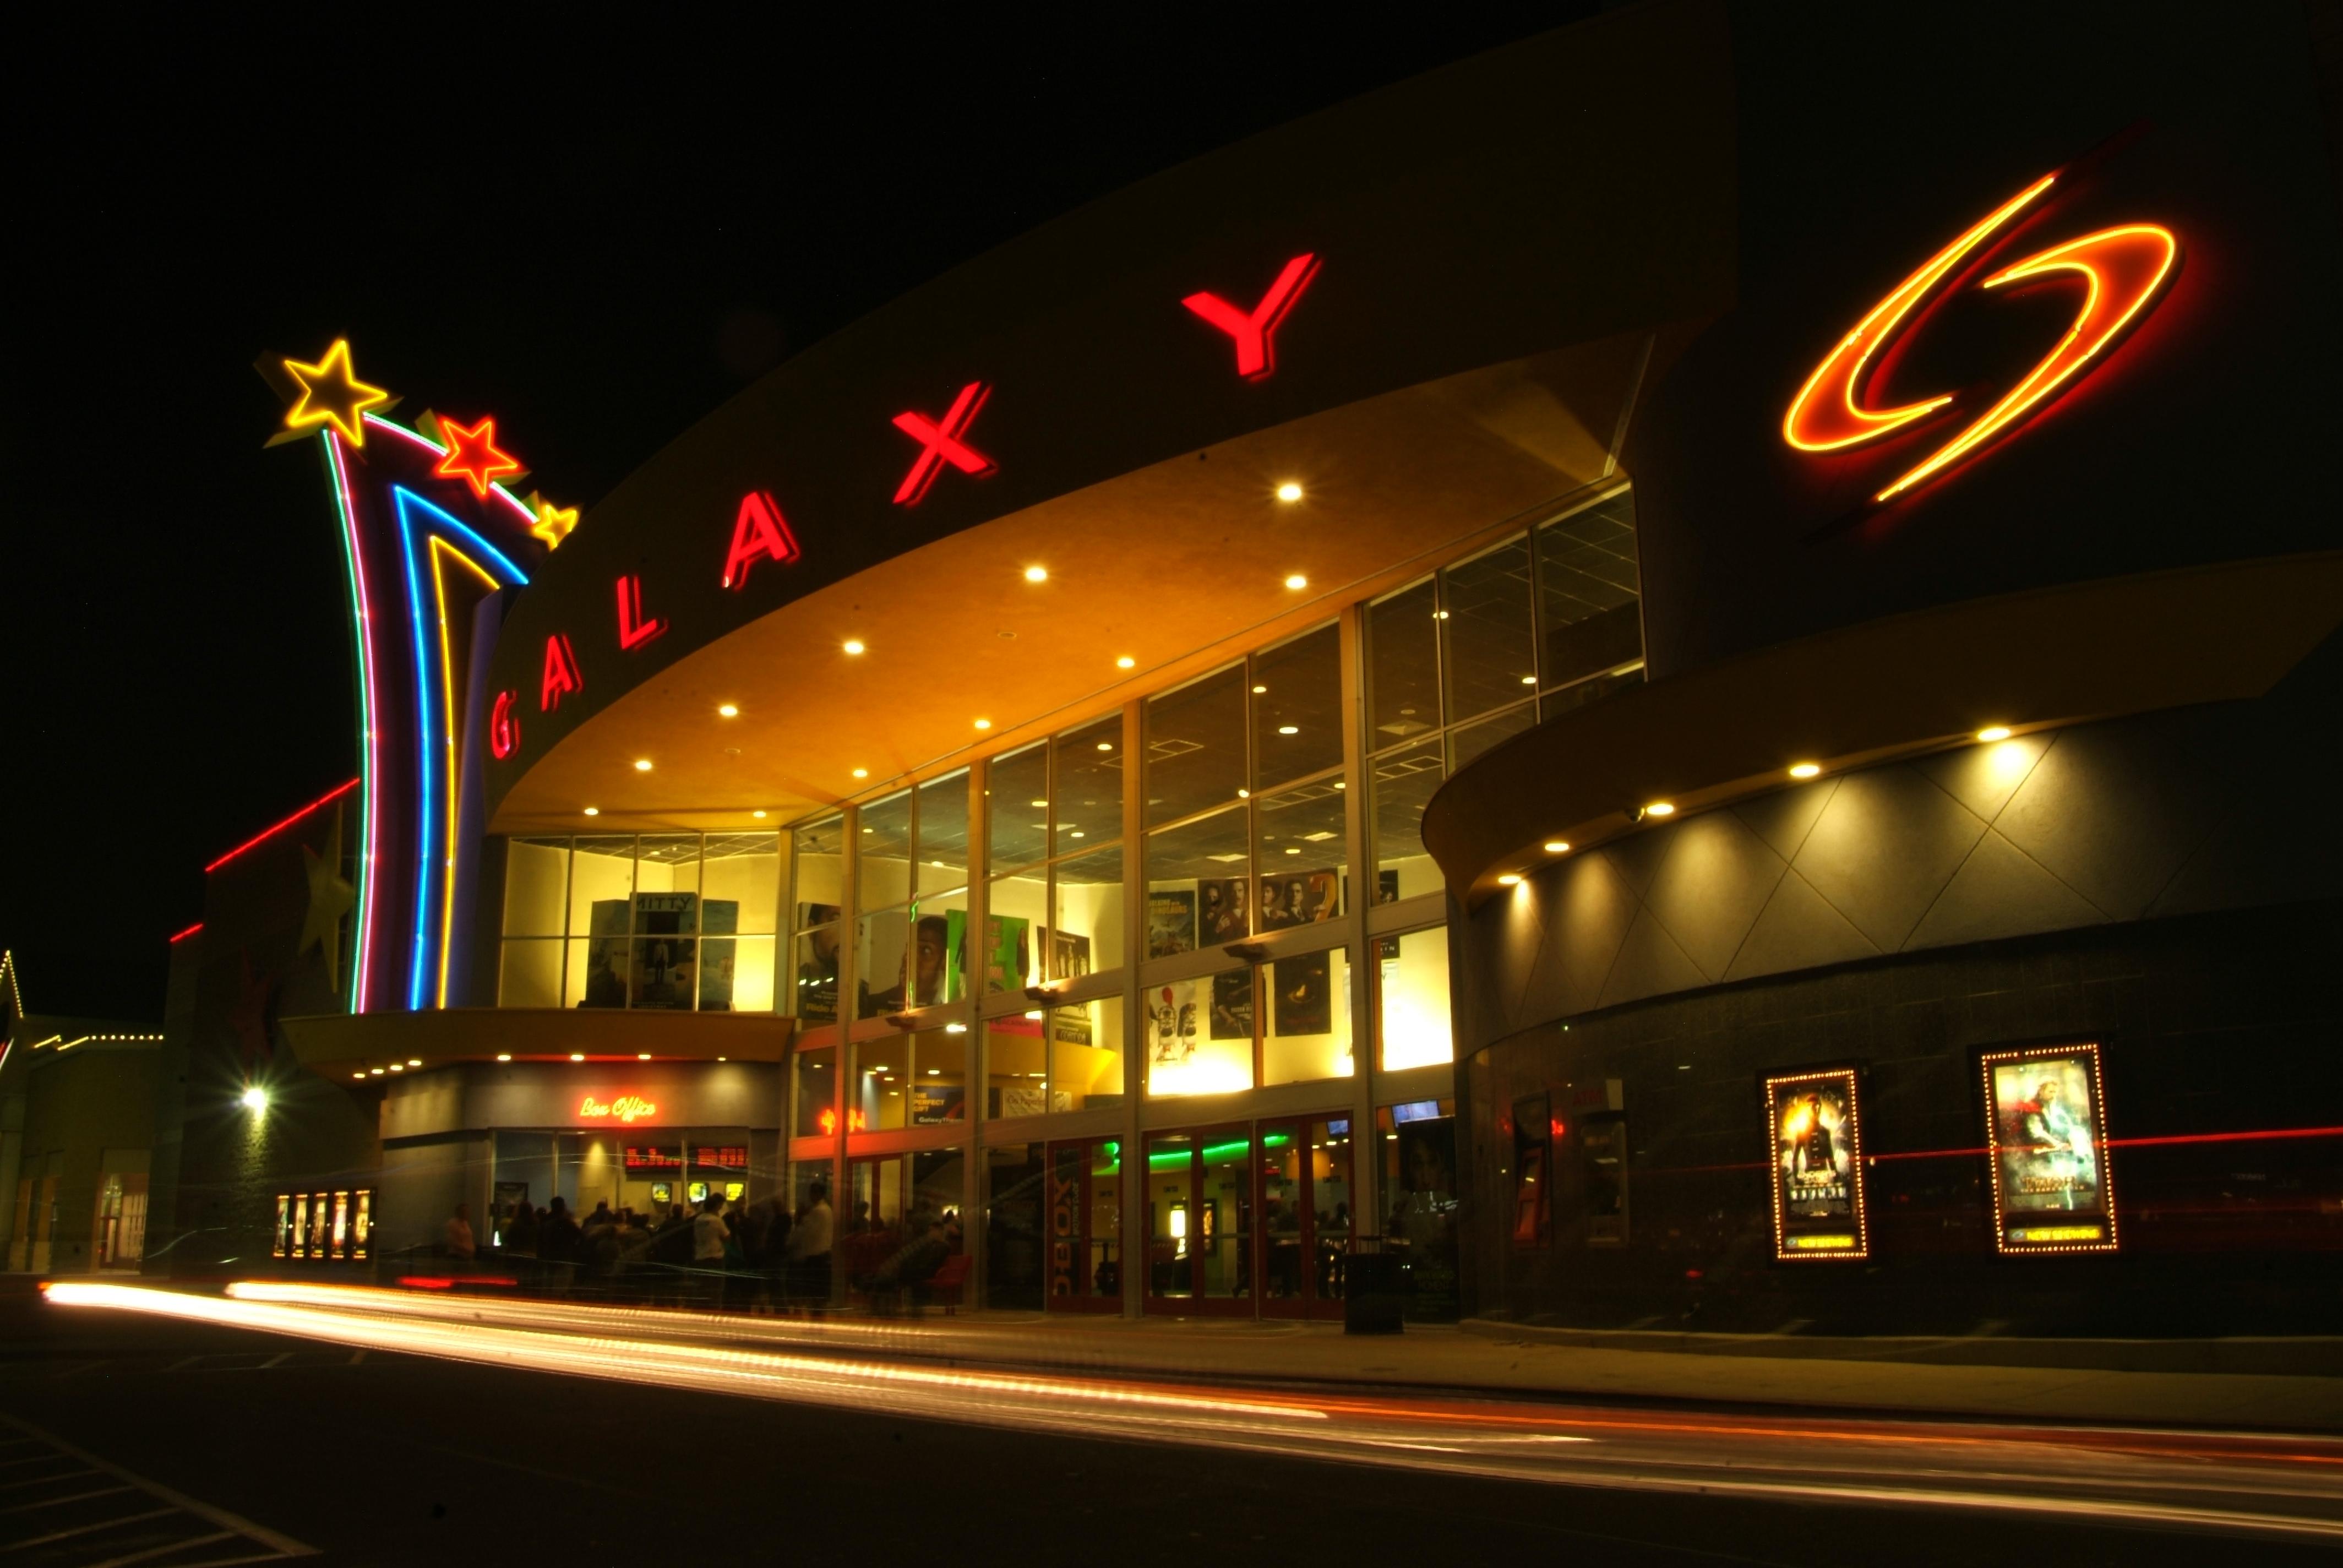 Galaxy theatres green valley cinema henderson nv reviews - Galaxy Theatre Henderson Ideas Home Design